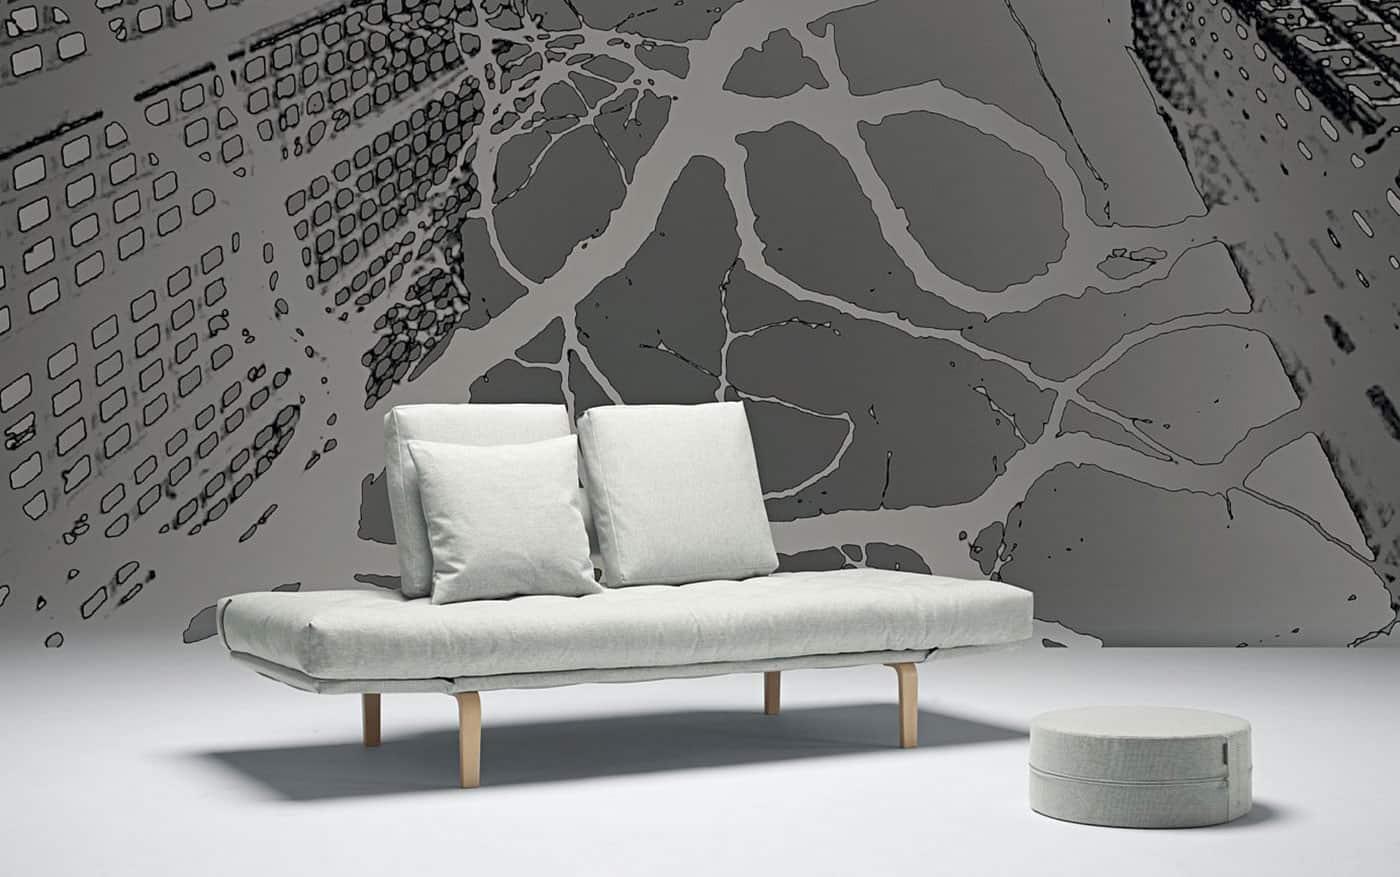 Schlafsofa Rollo Design Schlafsofa Rollo Von Innovation Online Bestellen Bei Wohnstation